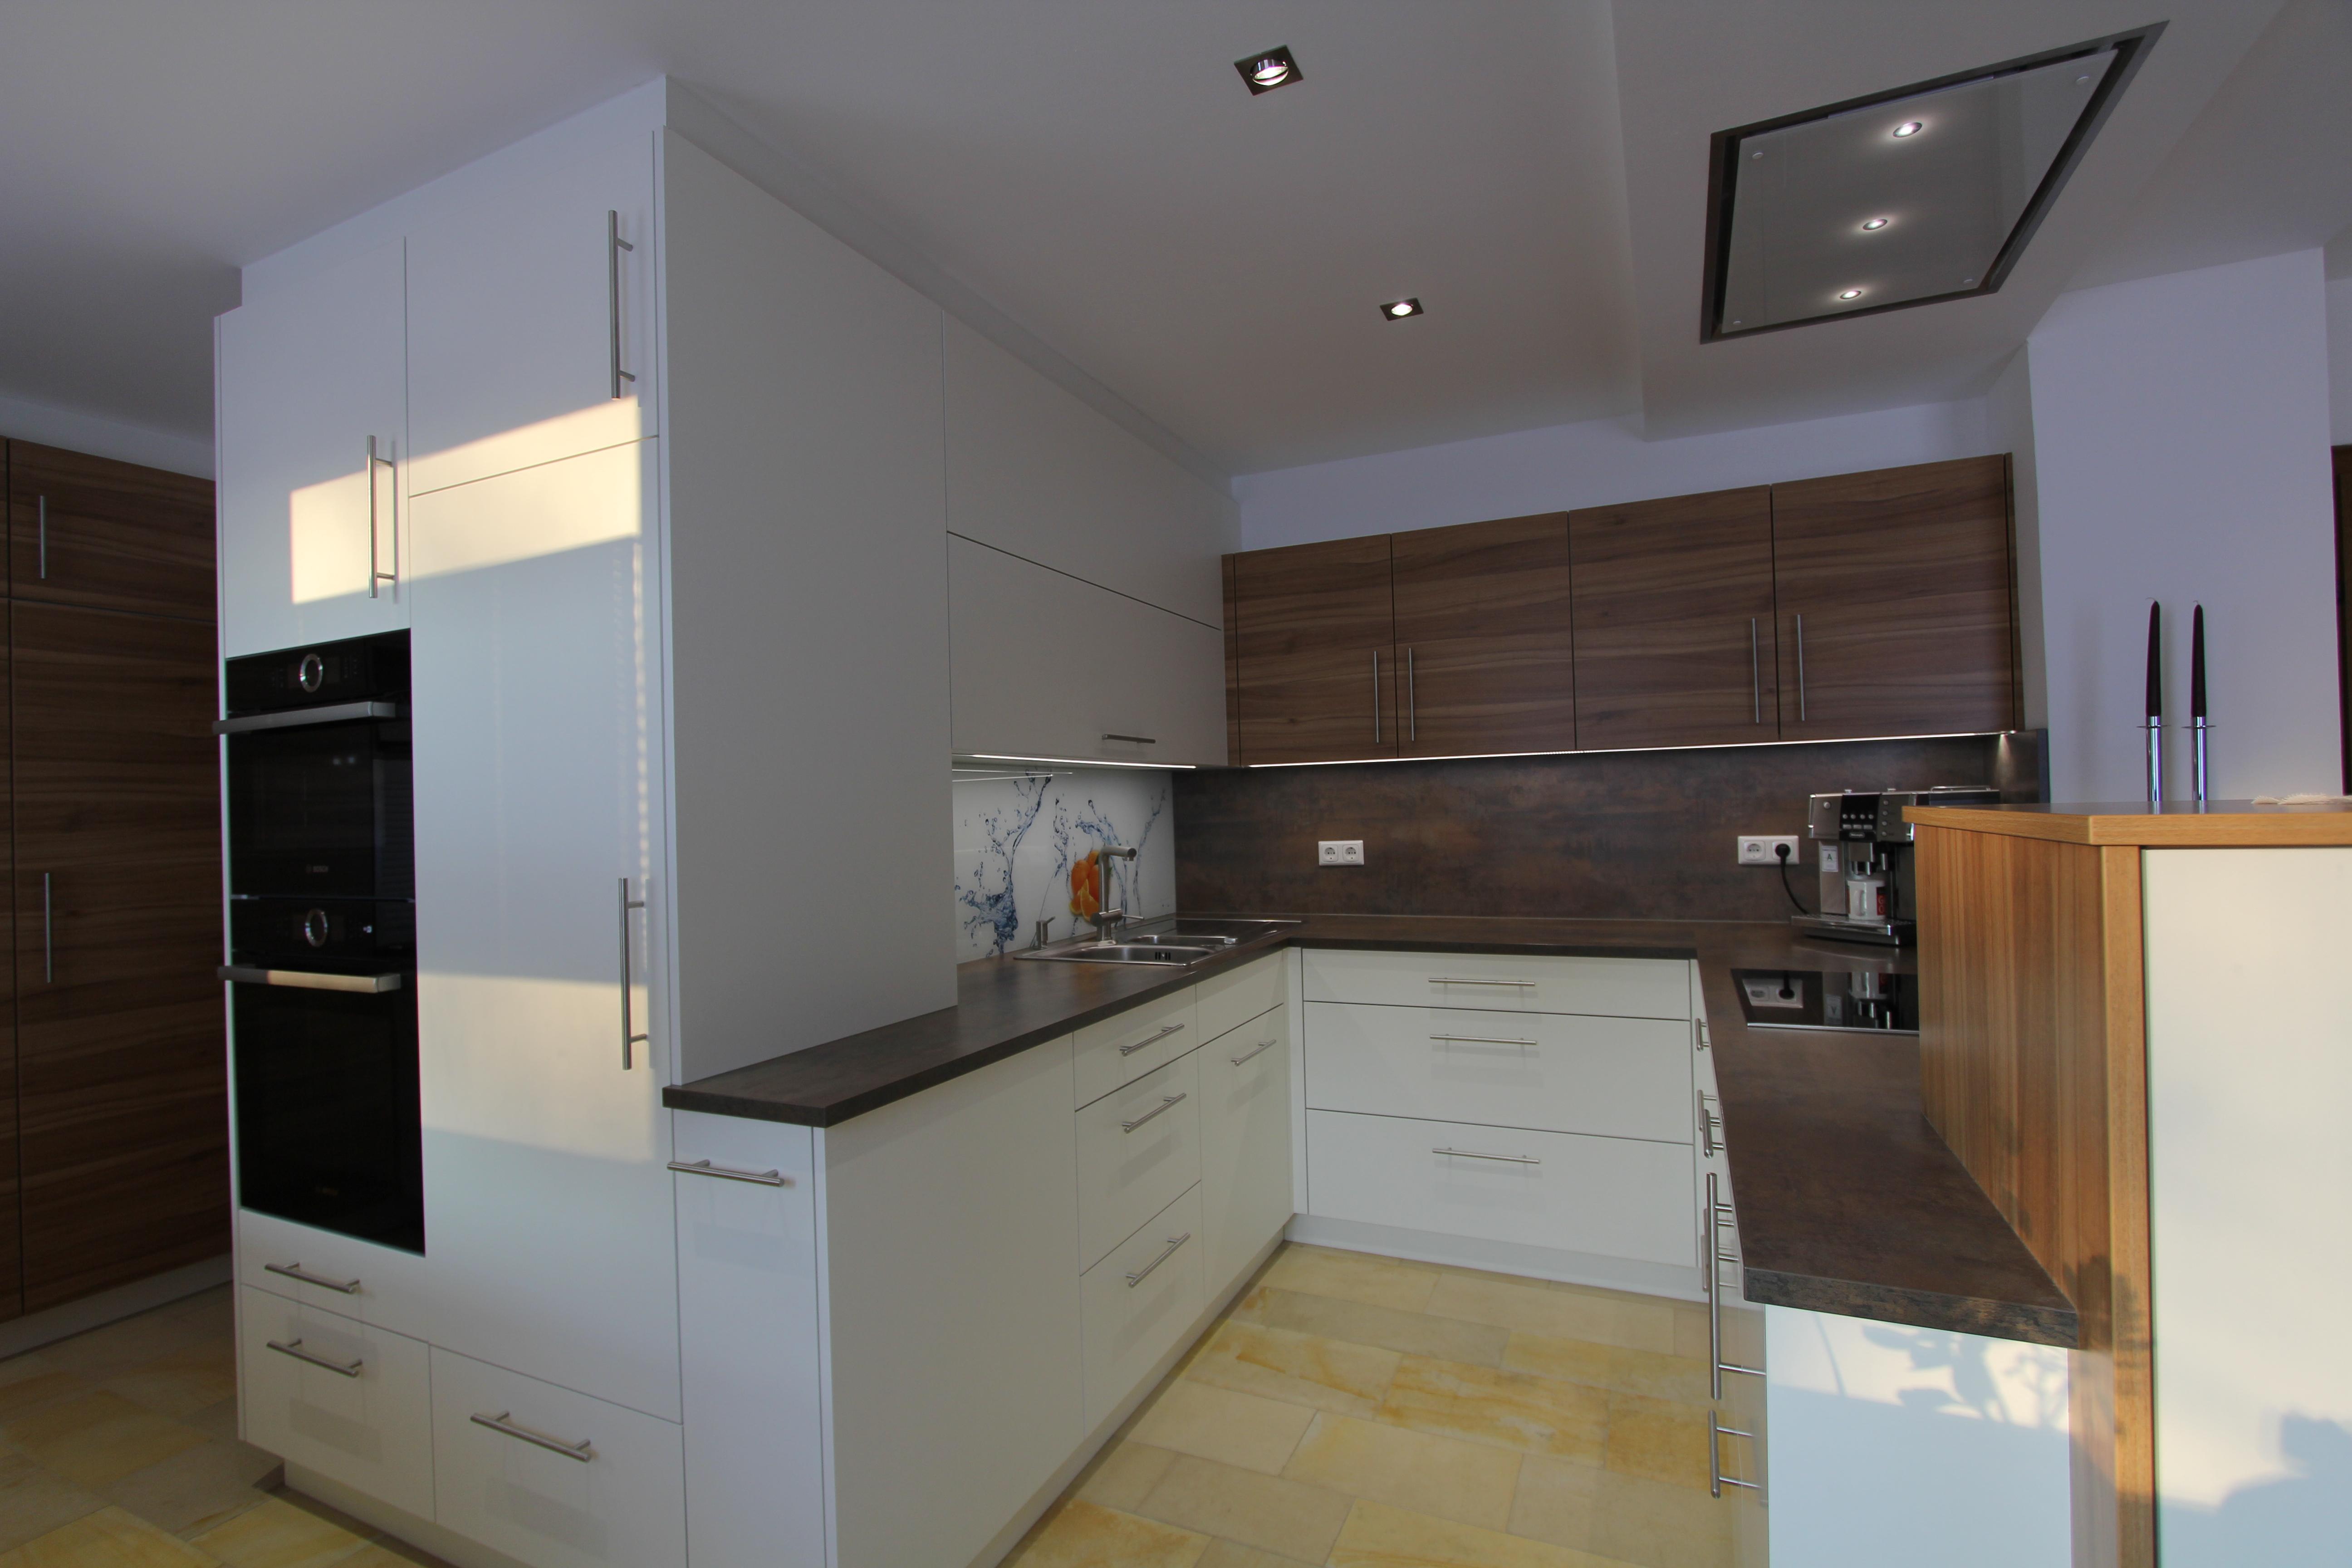 stein und keramik listberger tischlerei. Black Bedroom Furniture Sets. Home Design Ideas